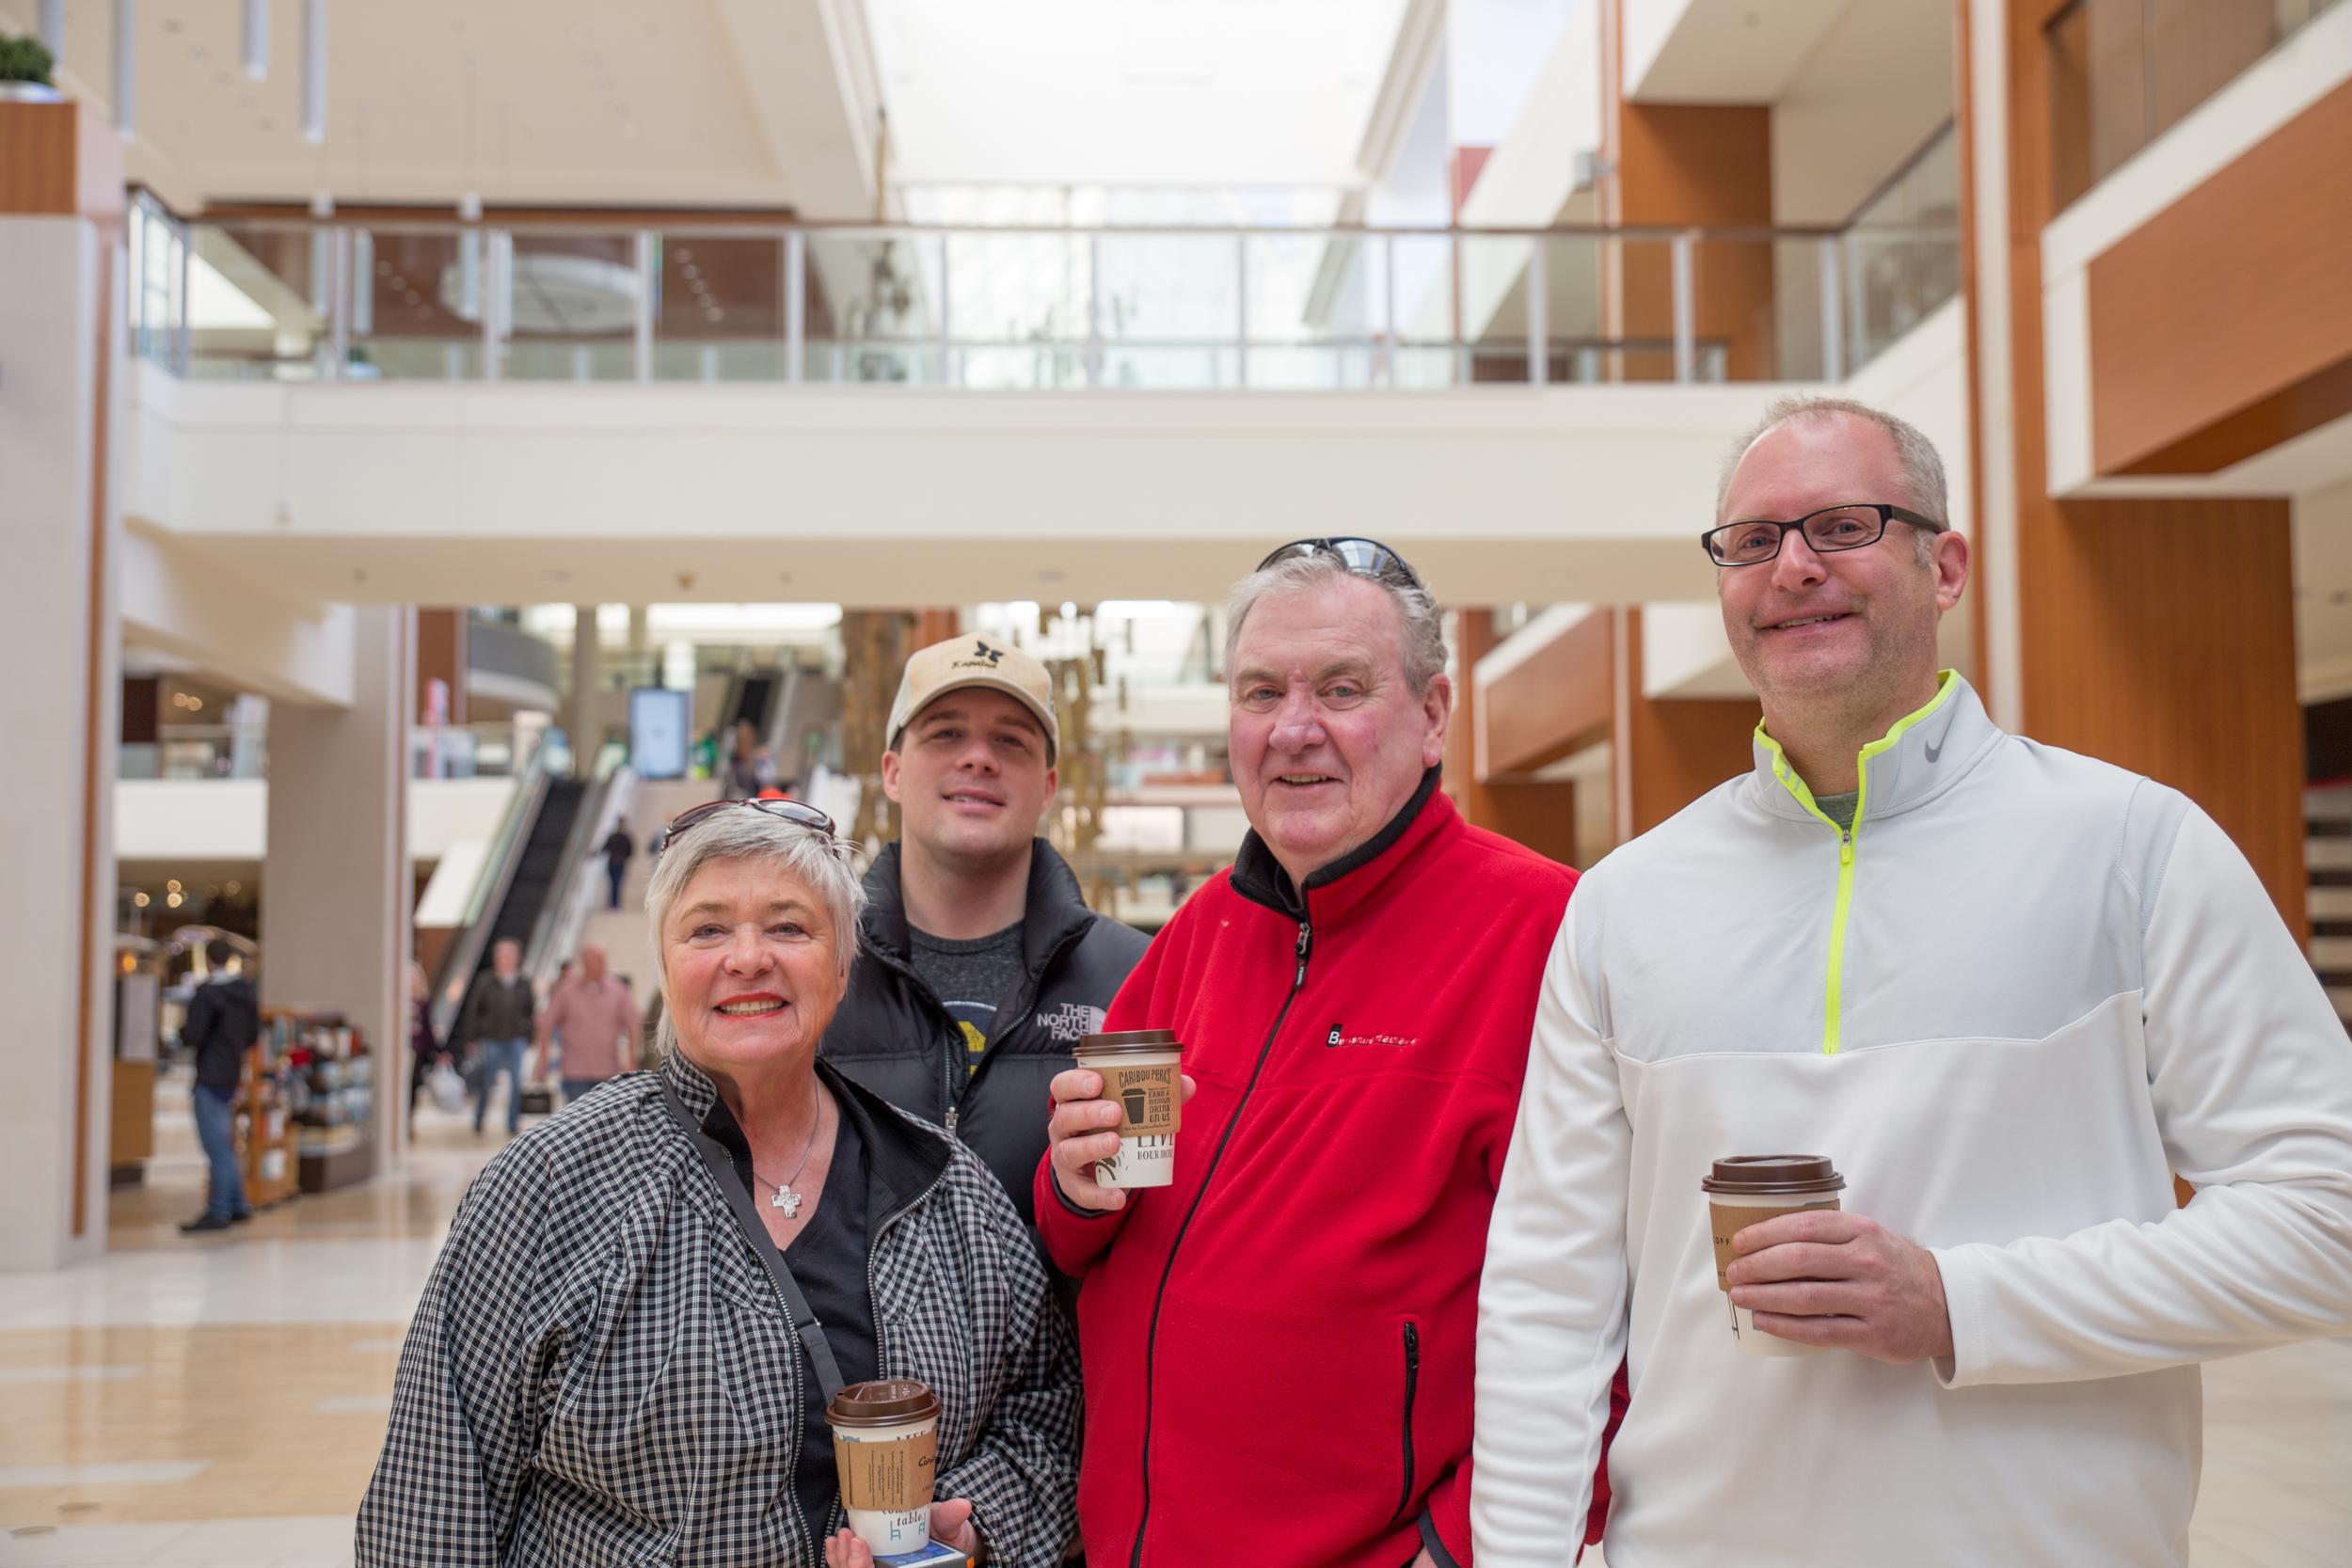 From the left: Nan Emmer, Scott Beuning, Jim Emmer, Brad Johnson